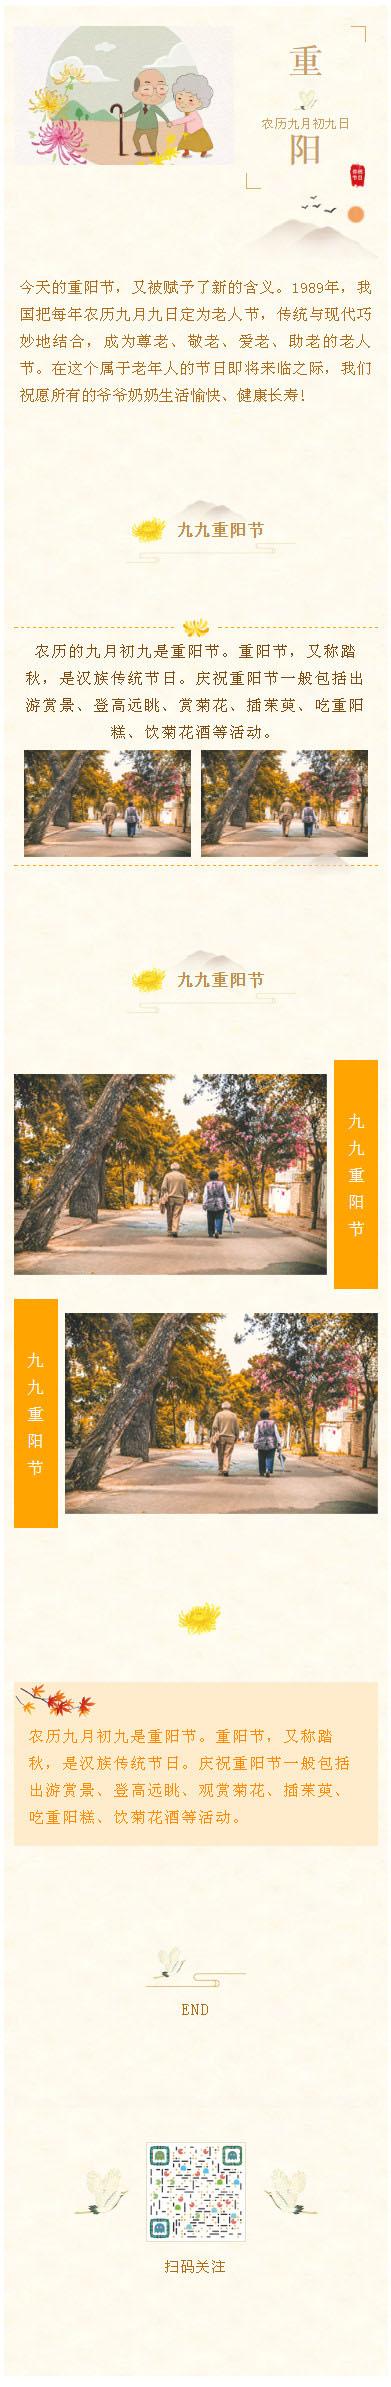 中国传统节日2020重阳节老人节微信模板公众号推送图文素材推文章资料